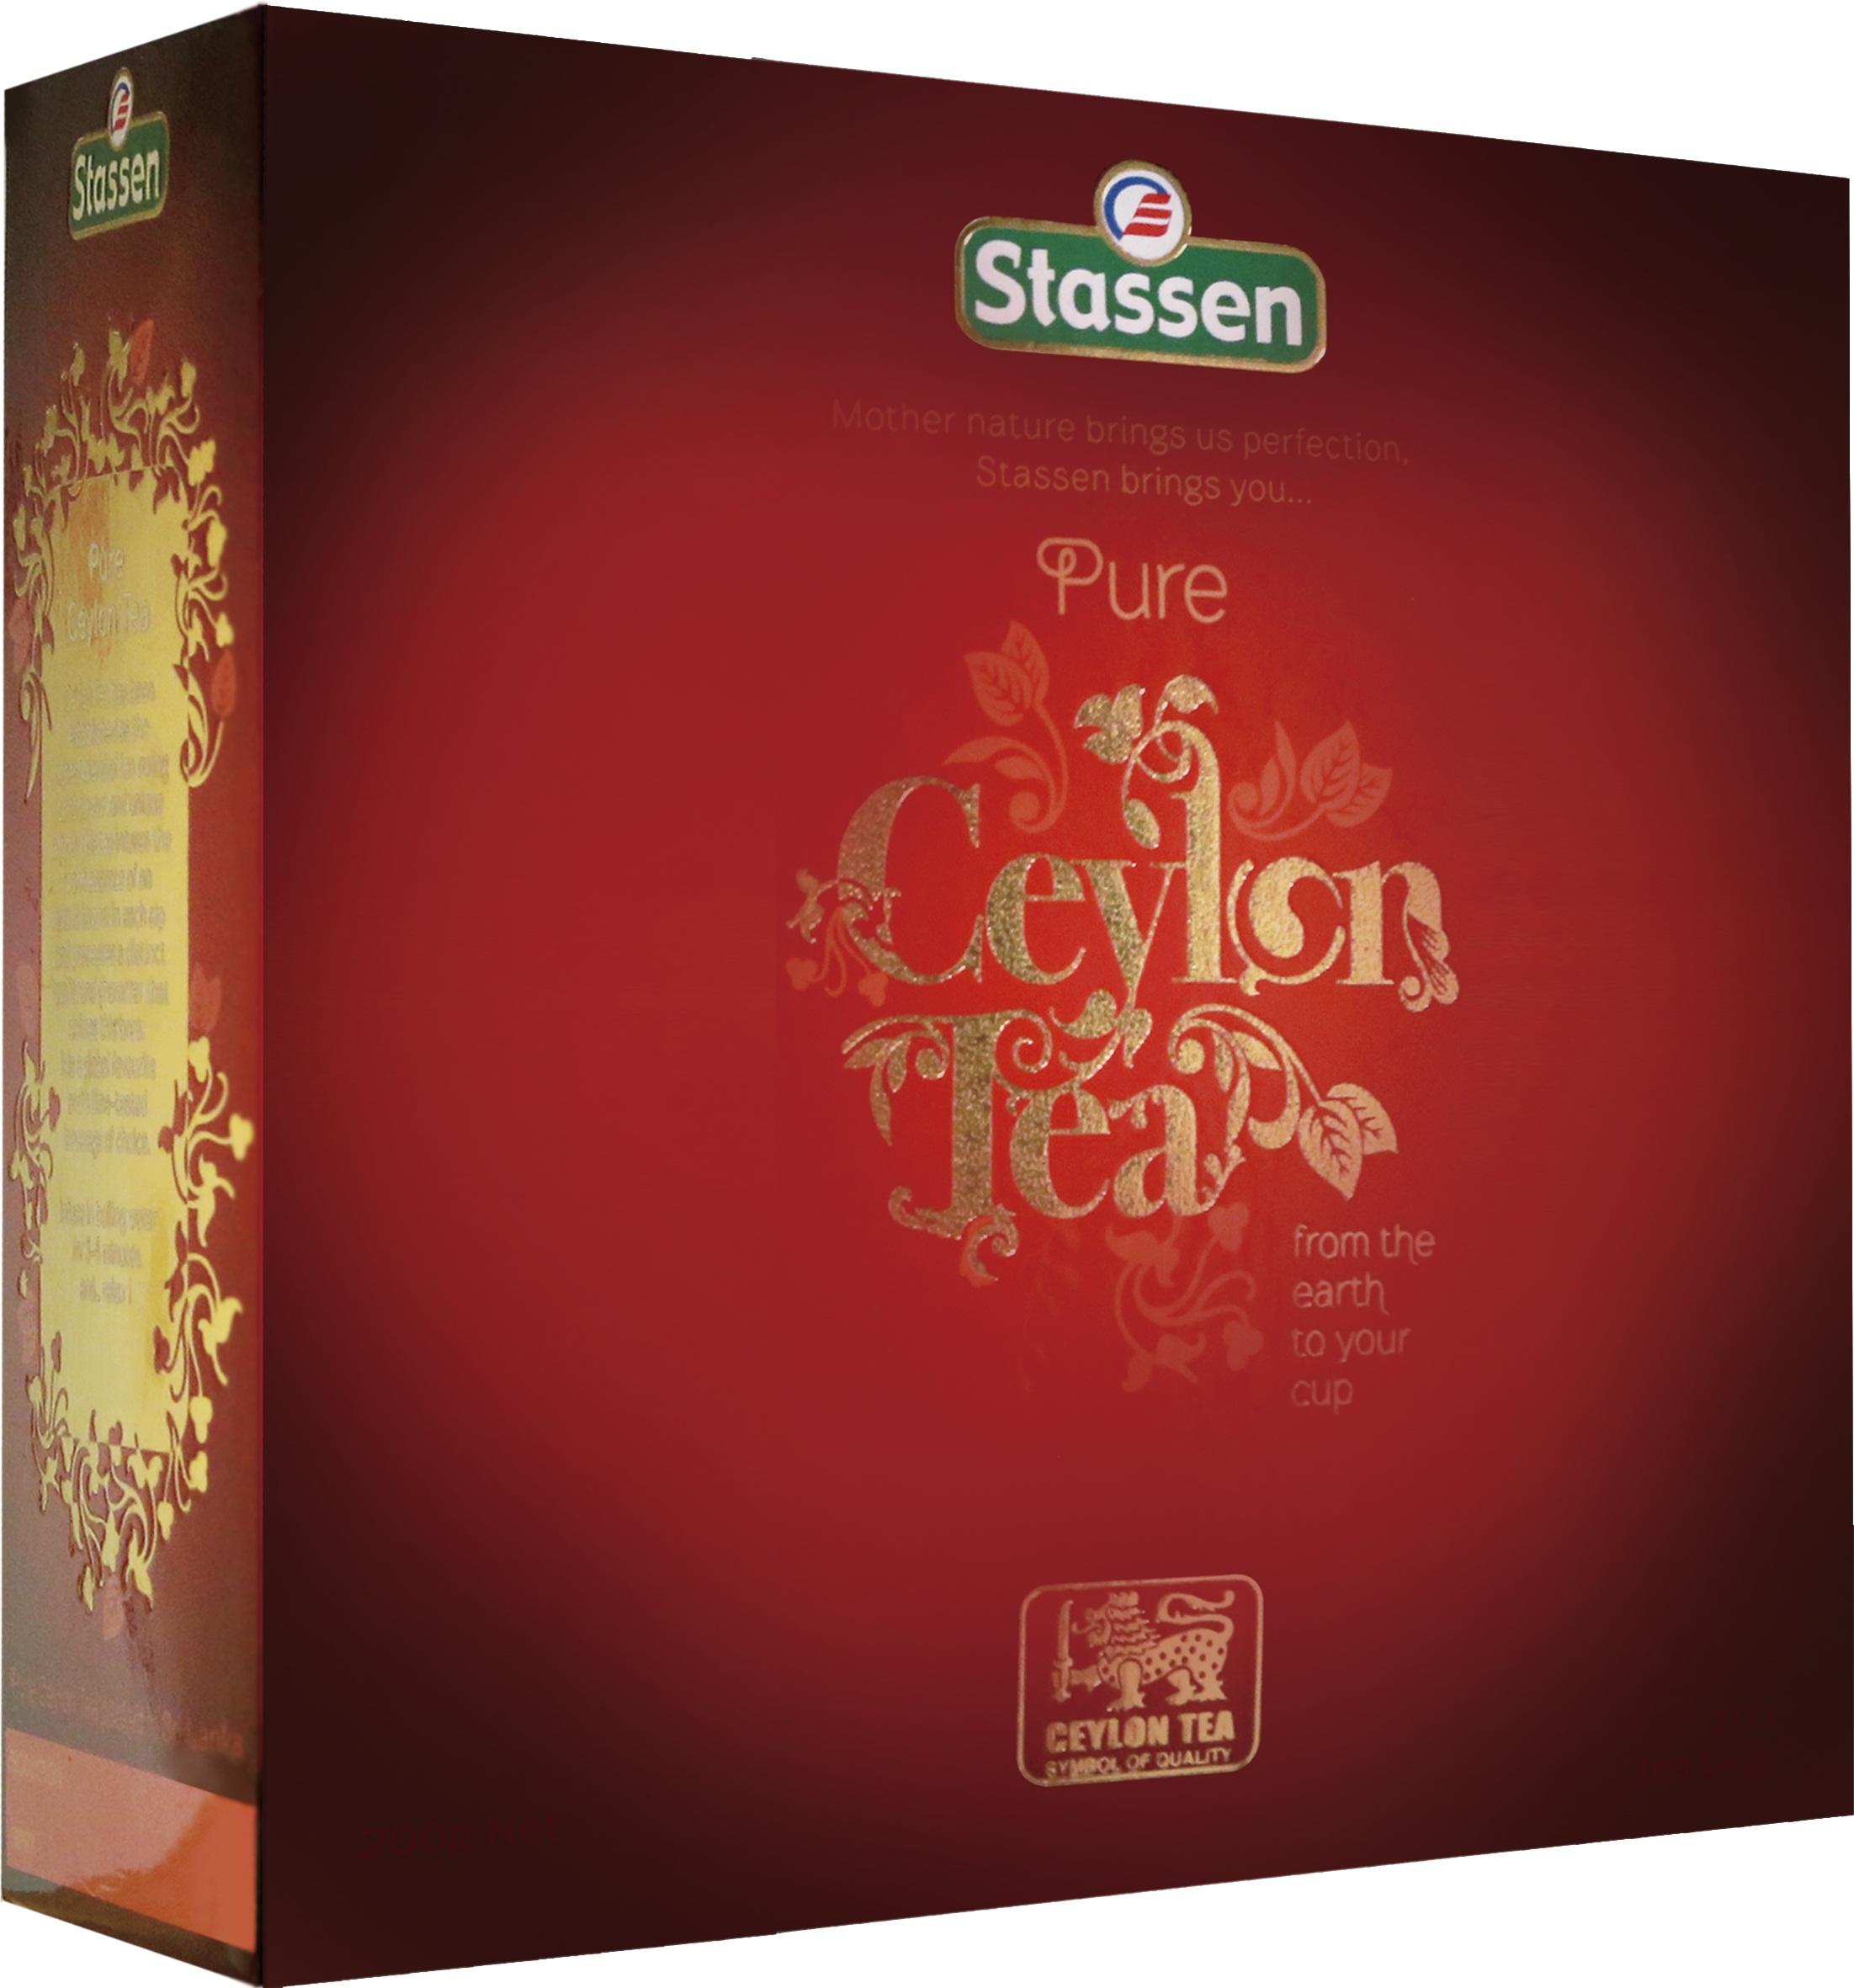 Stassen 司迪生★精選紅茶★【100入*1盒】